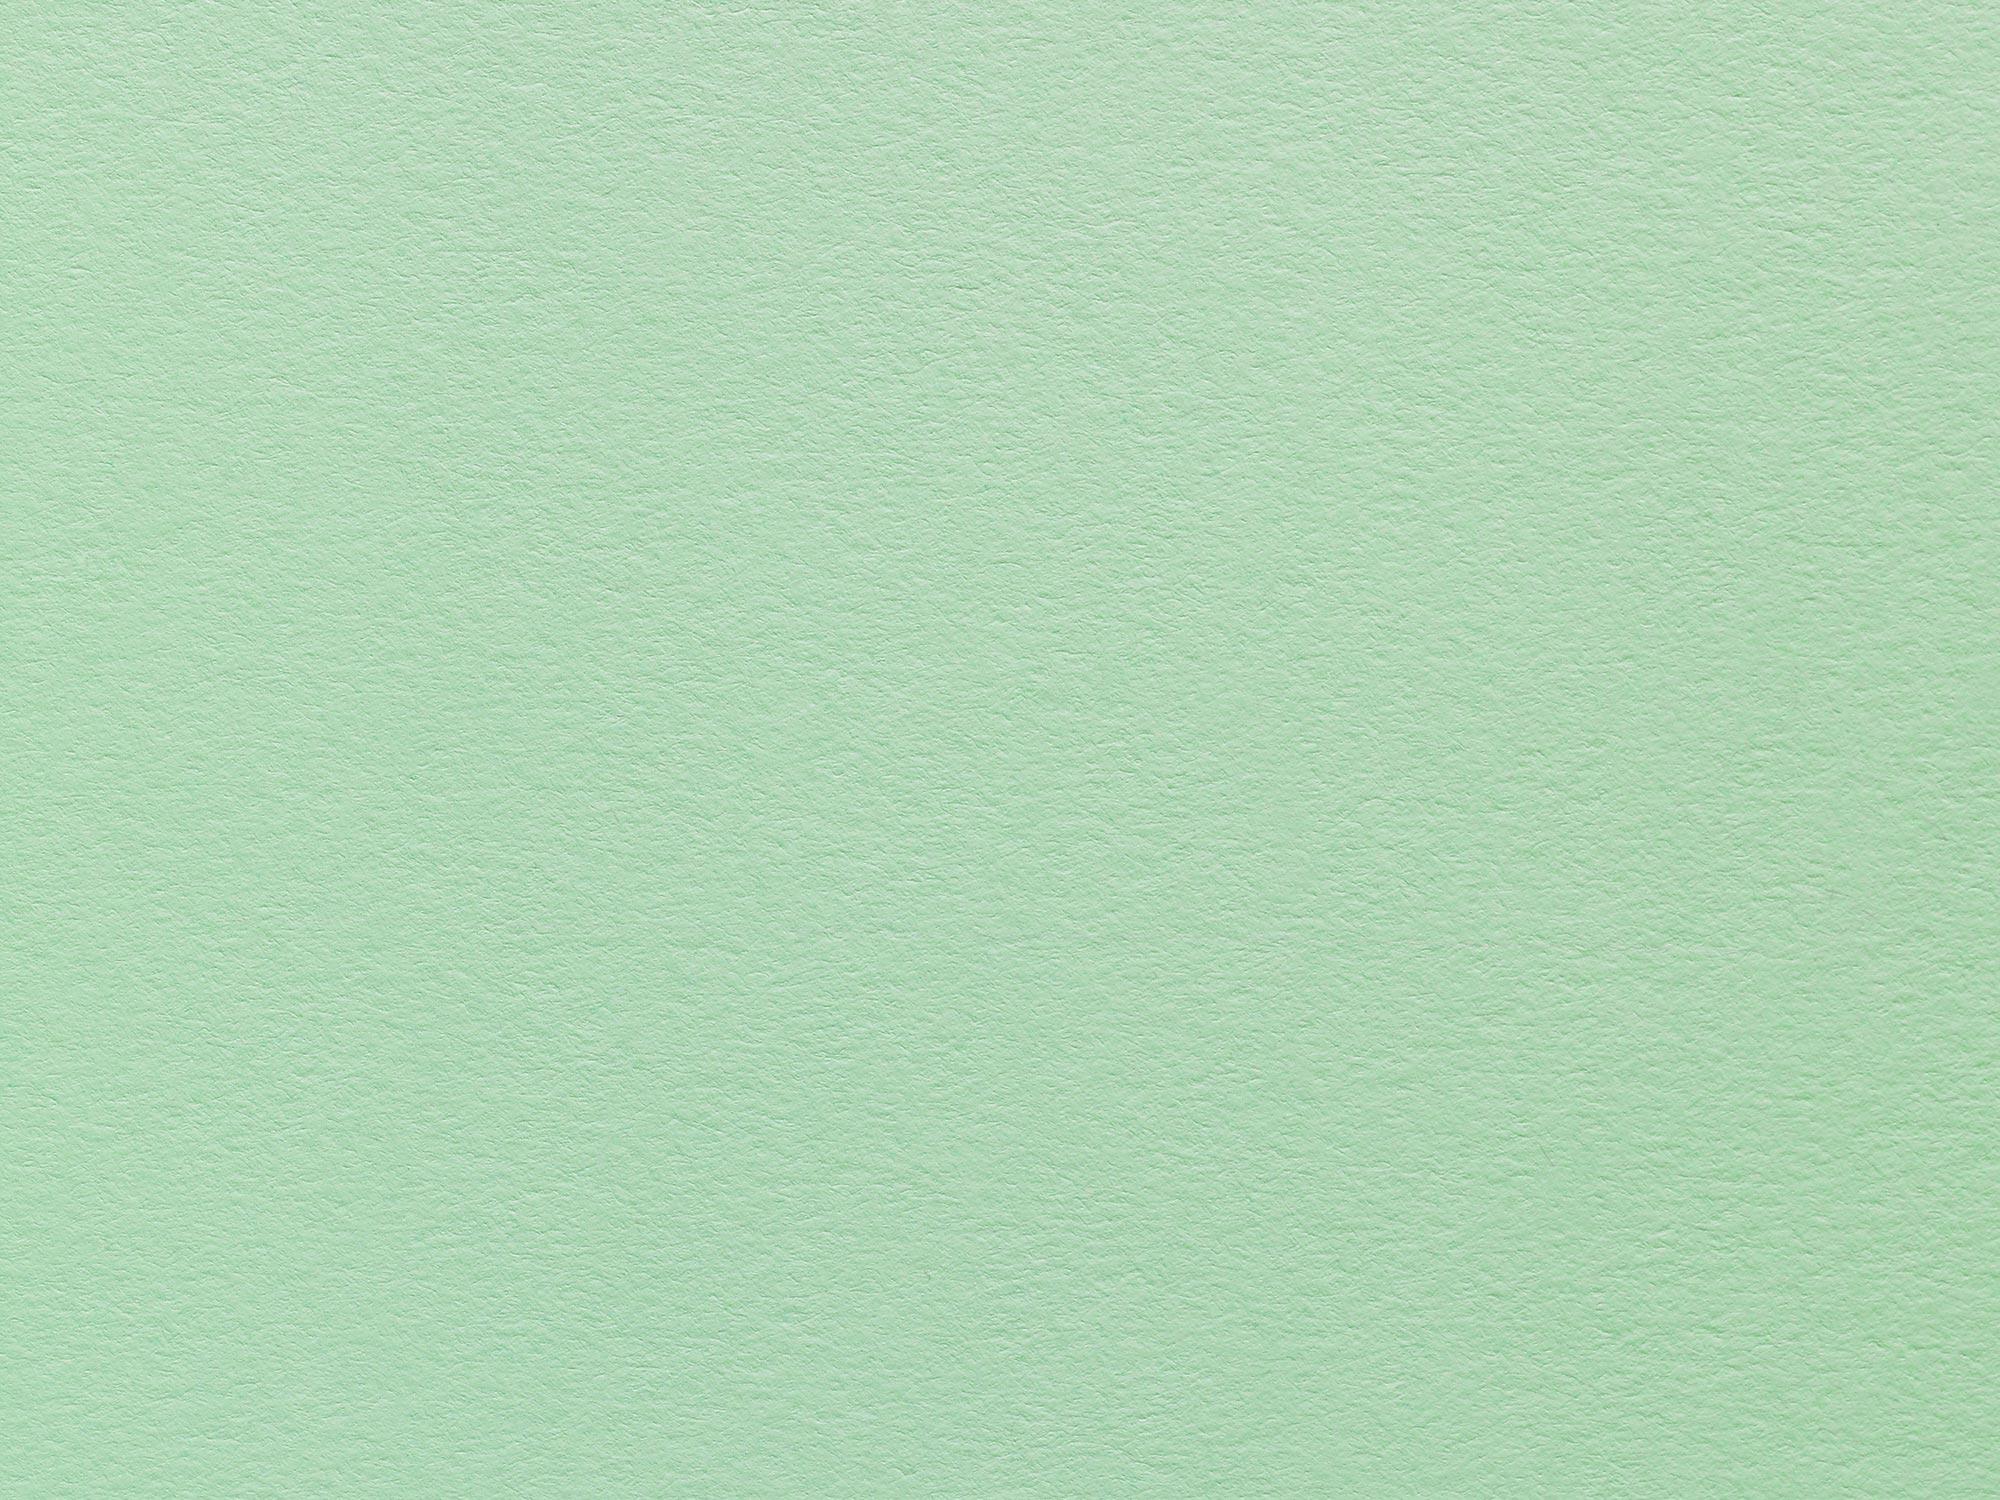 Green - Mint 135gsm